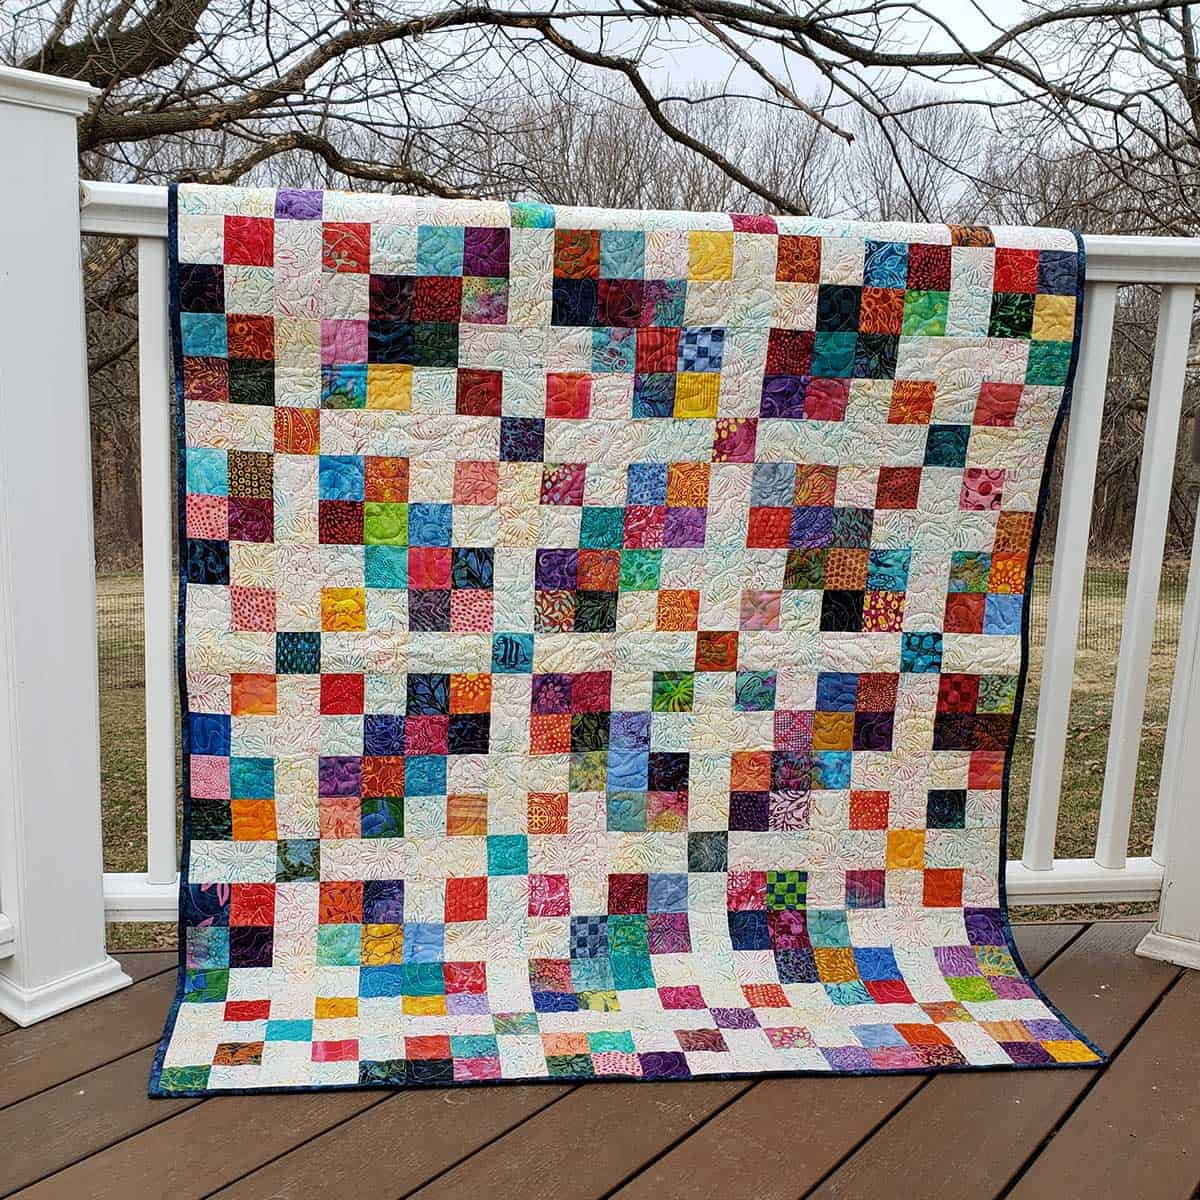 Scrappy Block quilt on deck rail